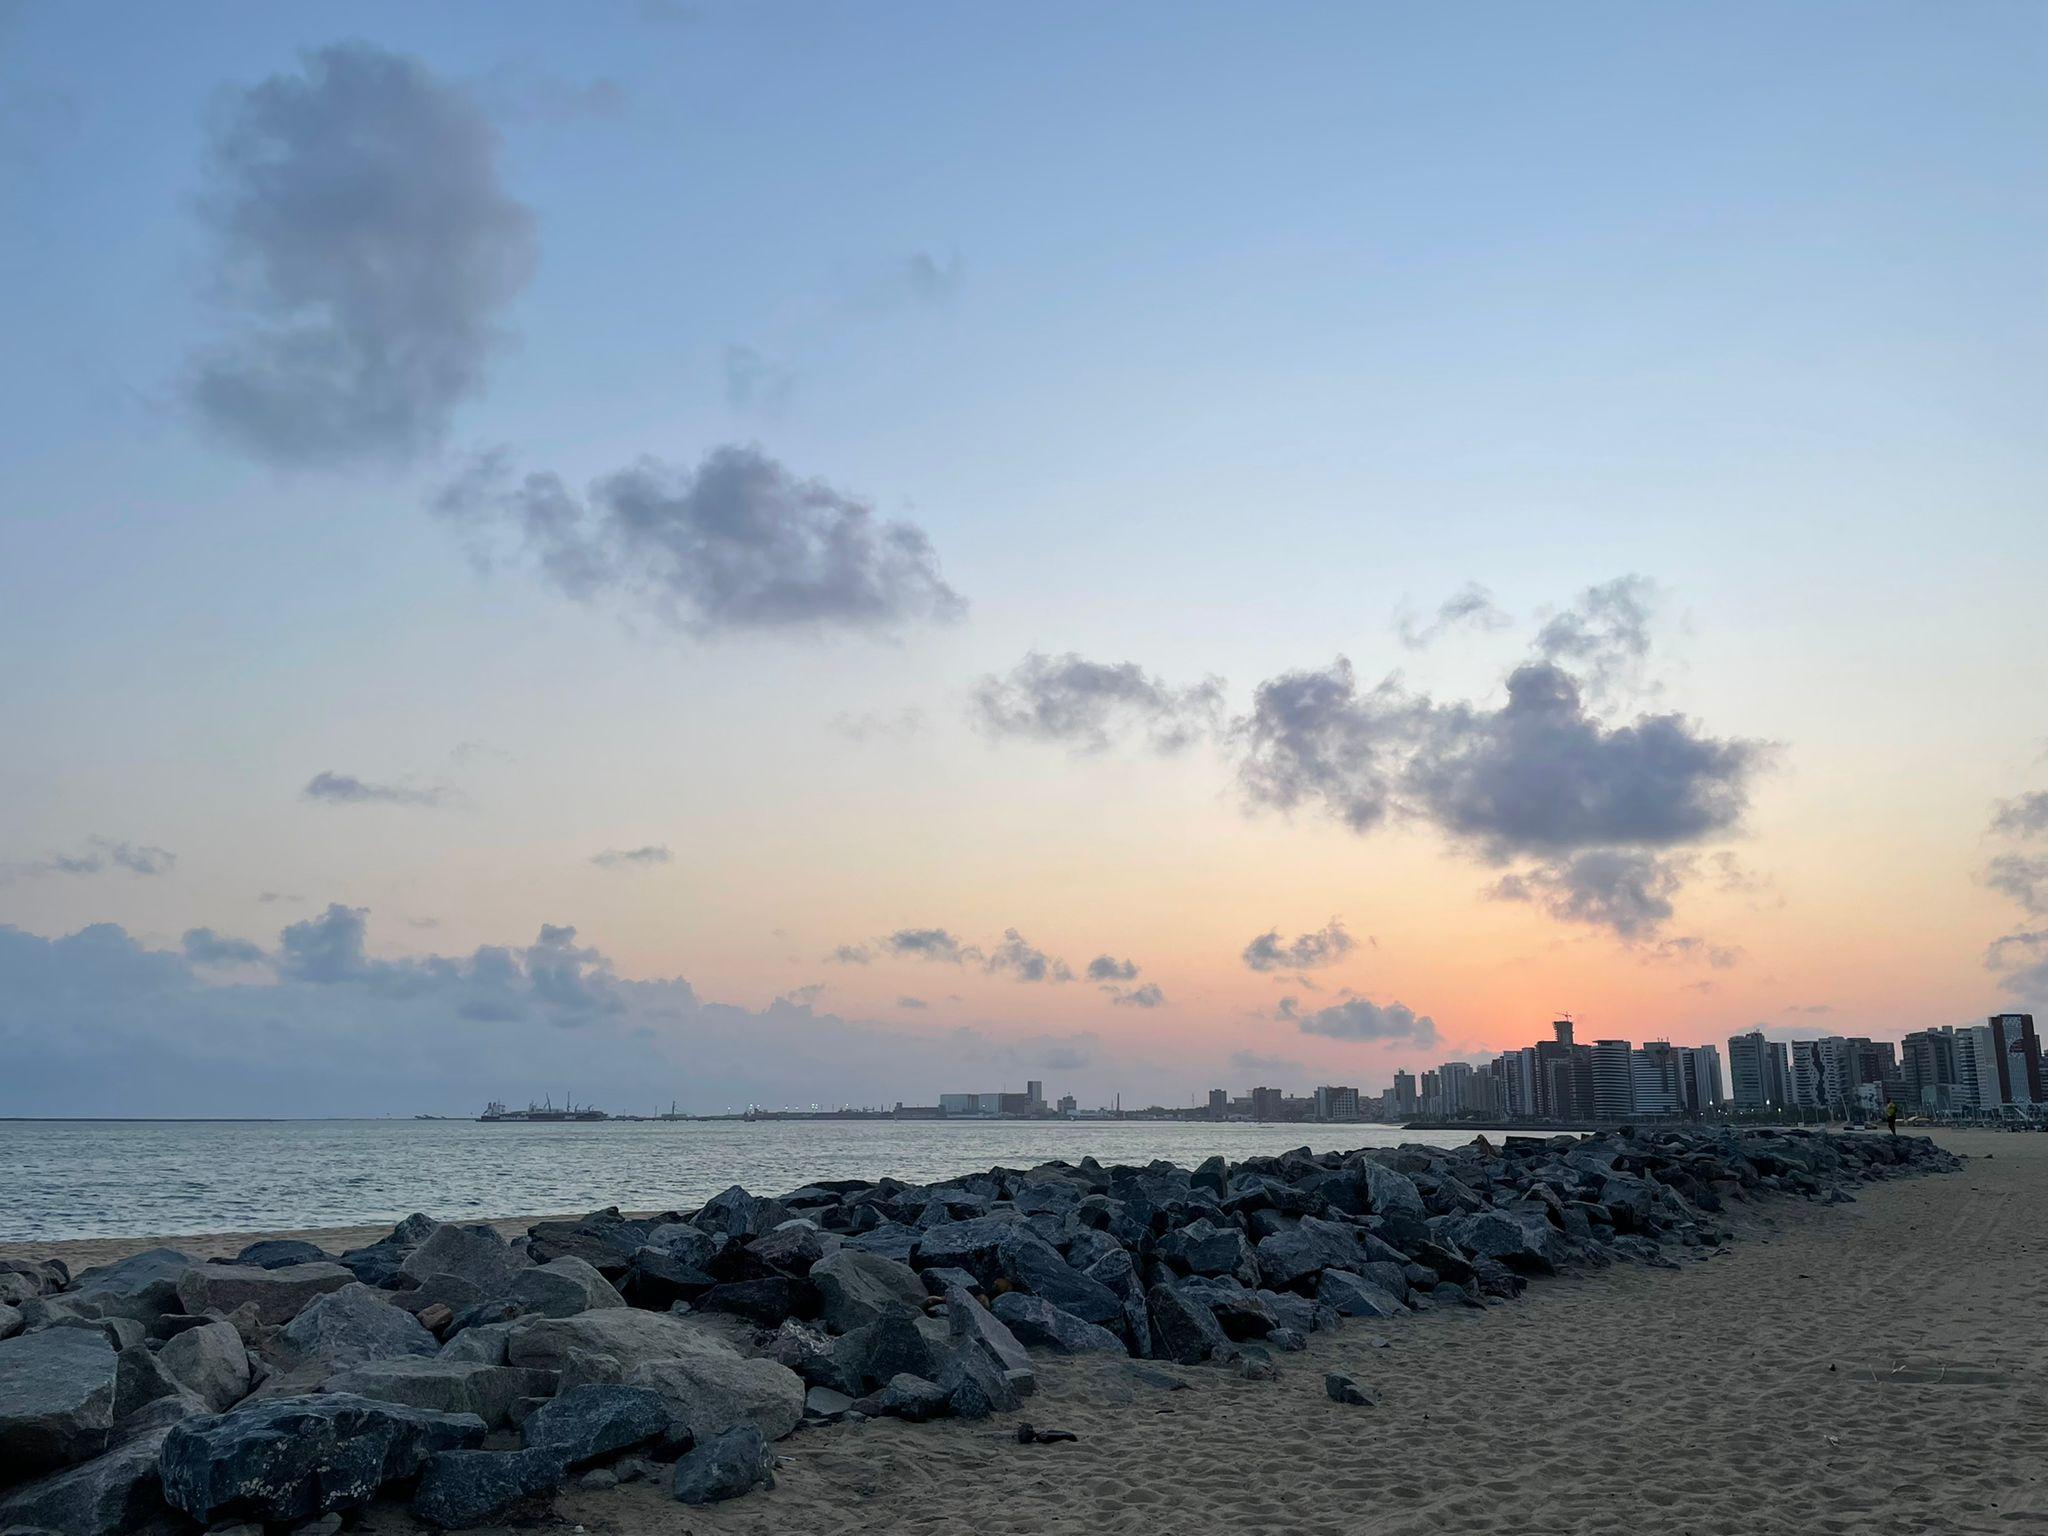 Em Fortaleza, o dia amanhaceu nublado e com precipitações pontuais (FOTO: Cydney Seigerman)